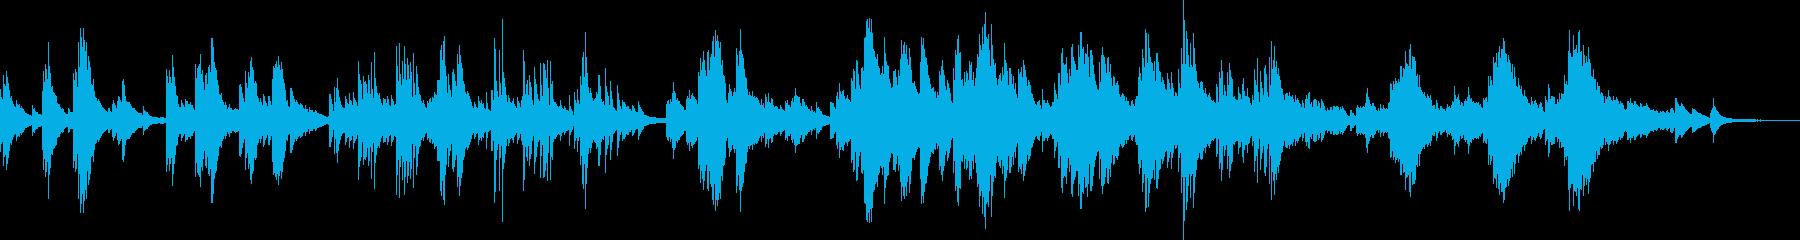 悲しいピアノBGM(生演奏・バラード)の再生済みの波形